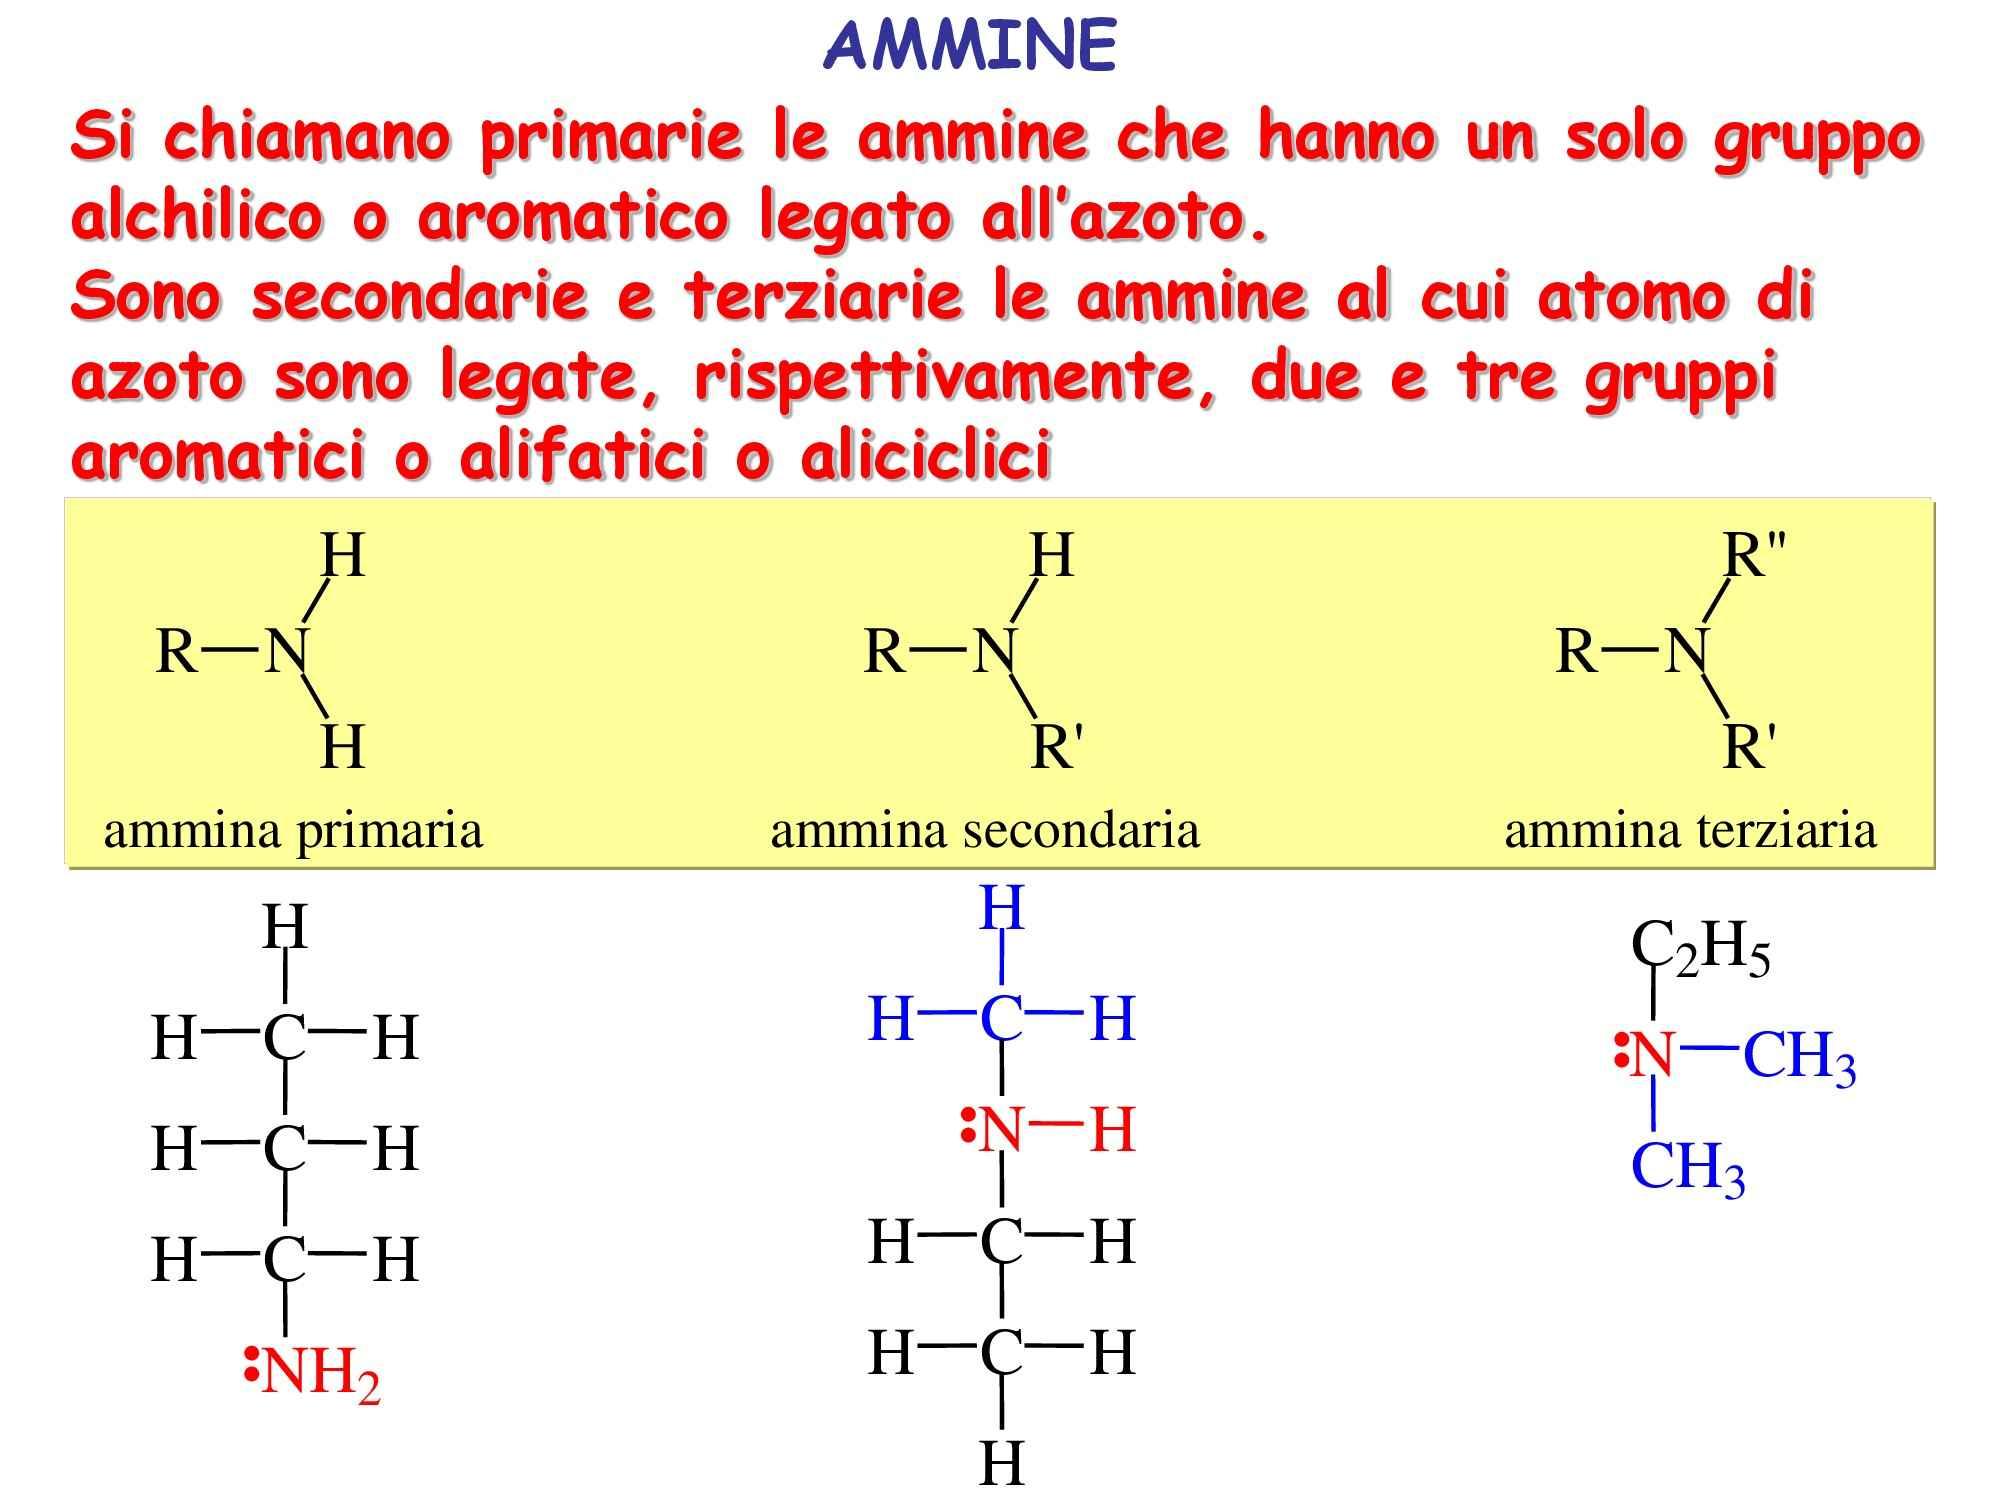 Chimica e propedeutica biochimica - ammine - Dispensa